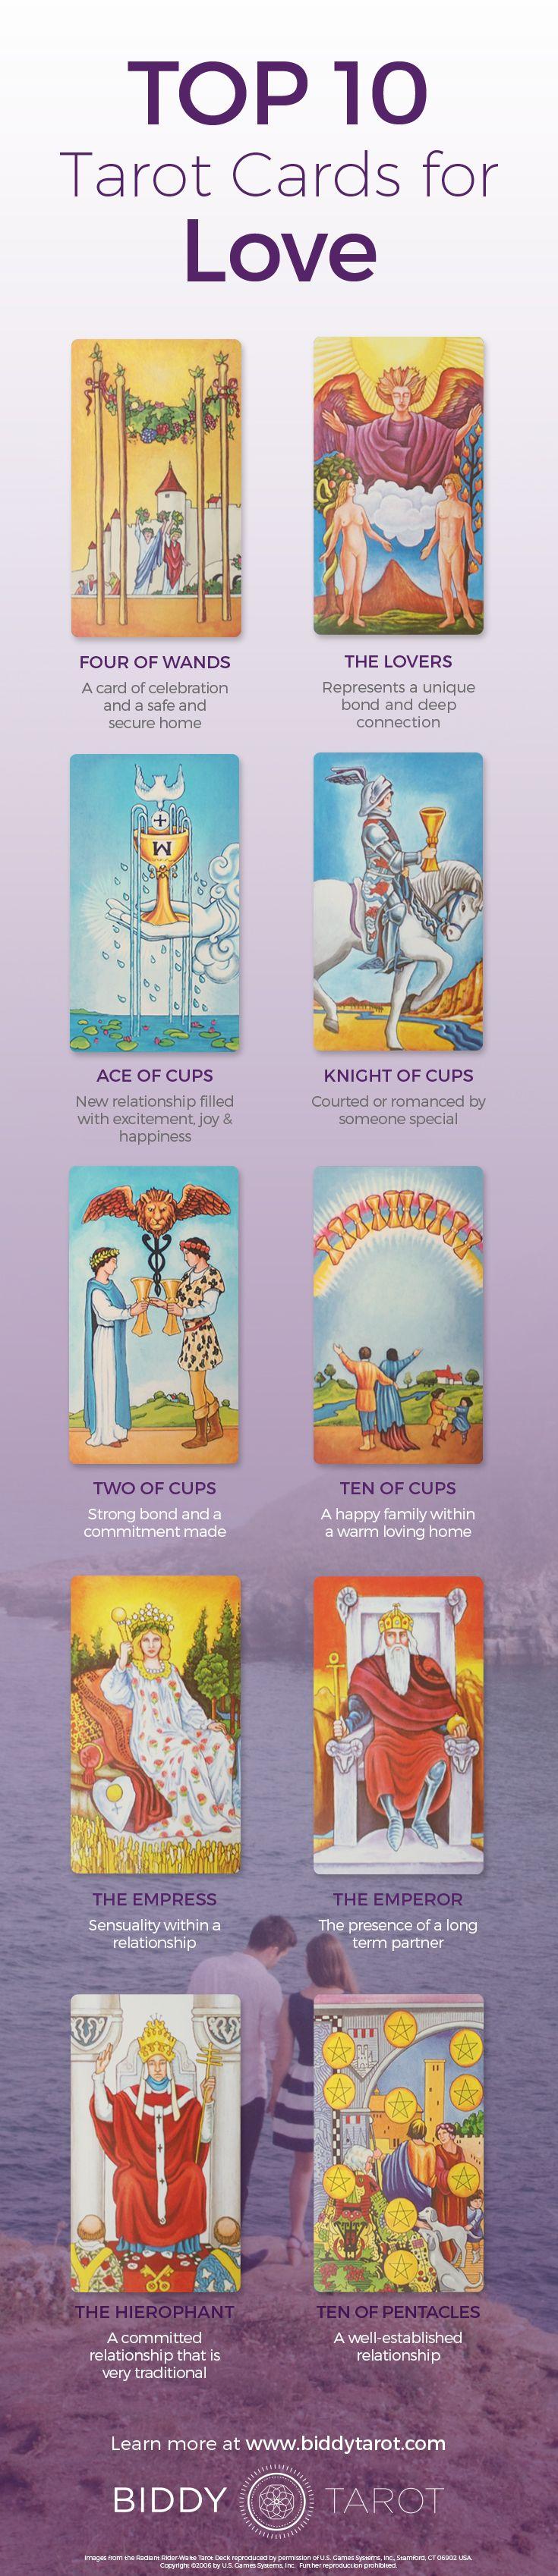 Top 10 Love Tarot Cards Love Tarot Love Tarot Card Tarot Card